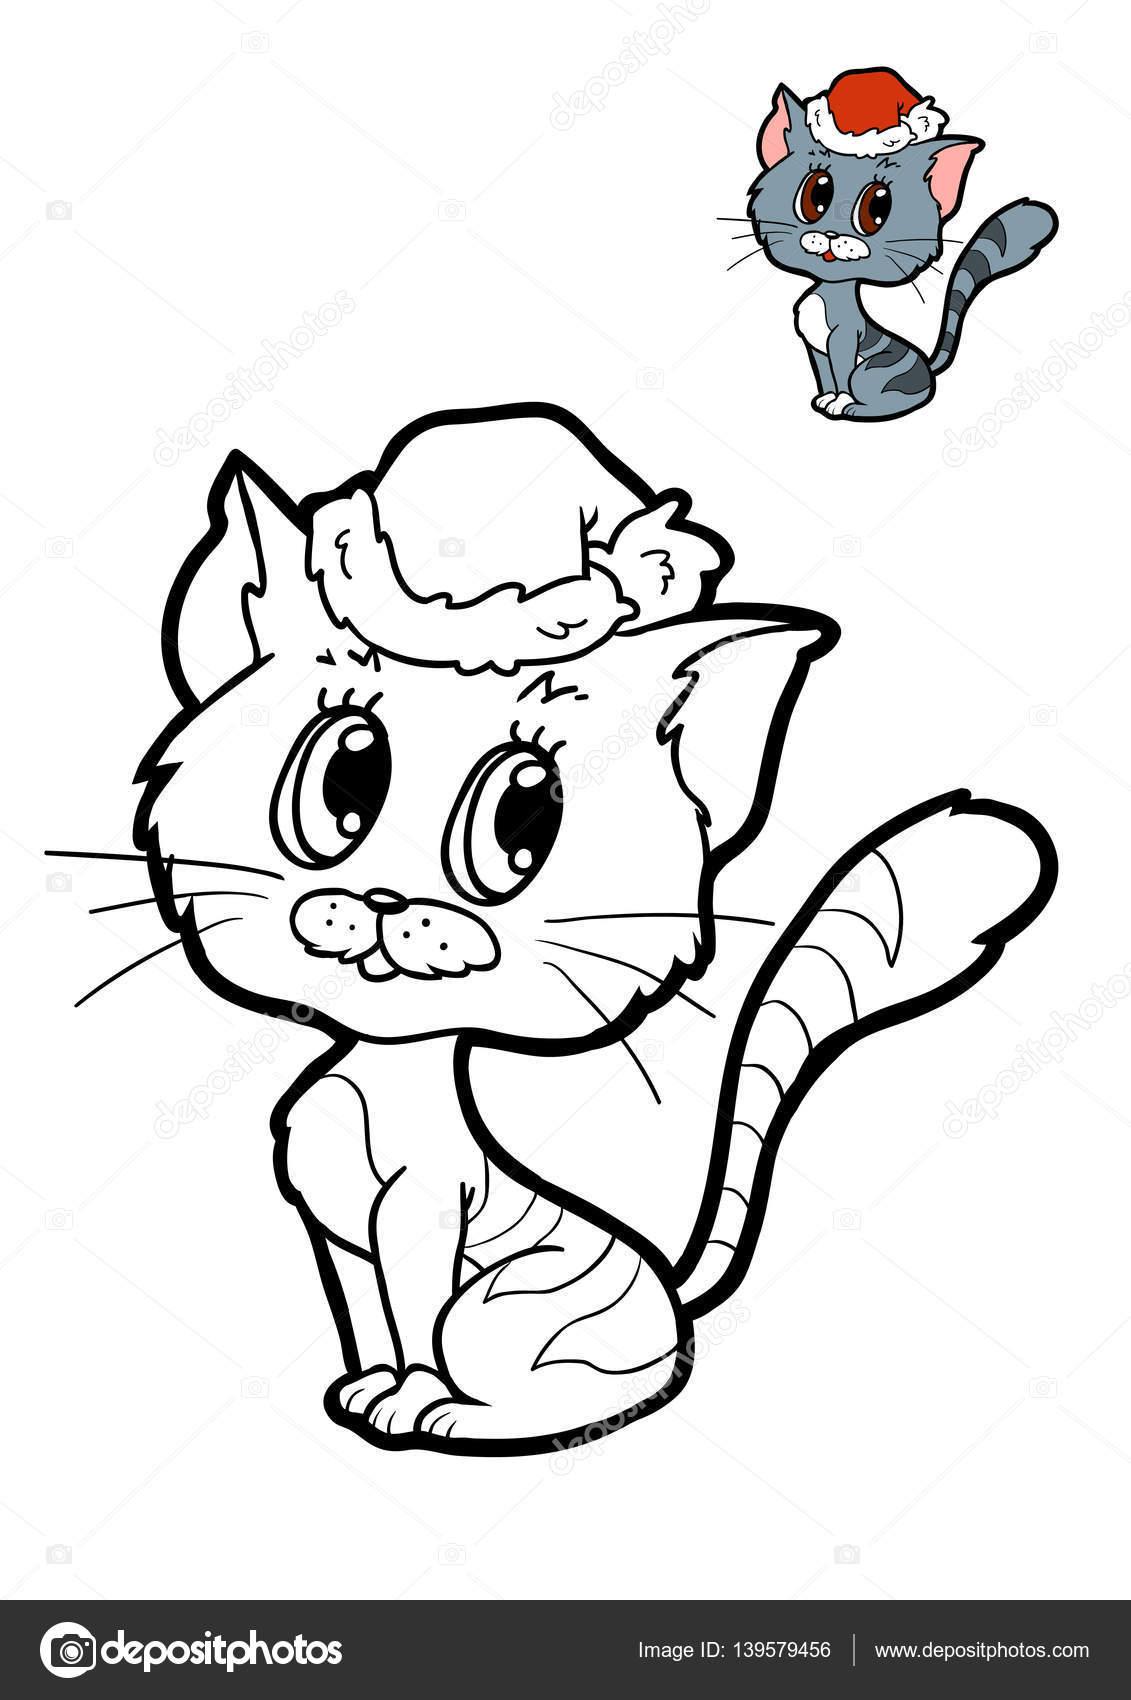 çocuklar Için Boyama Kitabı Kedi Stok Foto Ksenyasavva 139579456